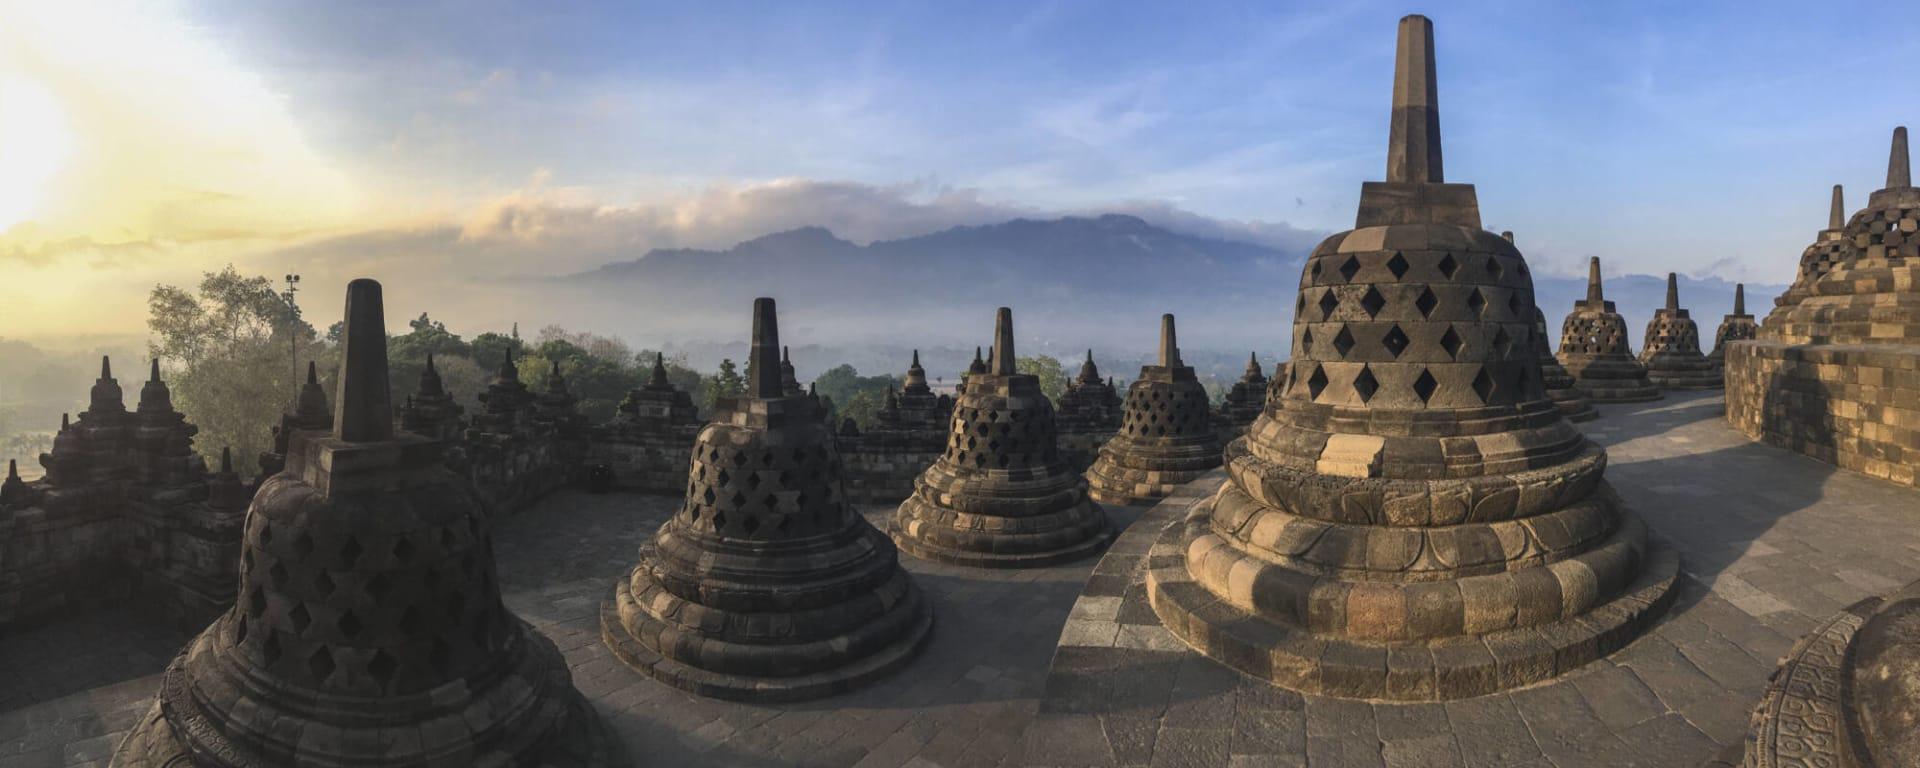 Entdeckertour Mittel-Java ab Yogyakarta und Umgebung: Indonesien Java Borobudur